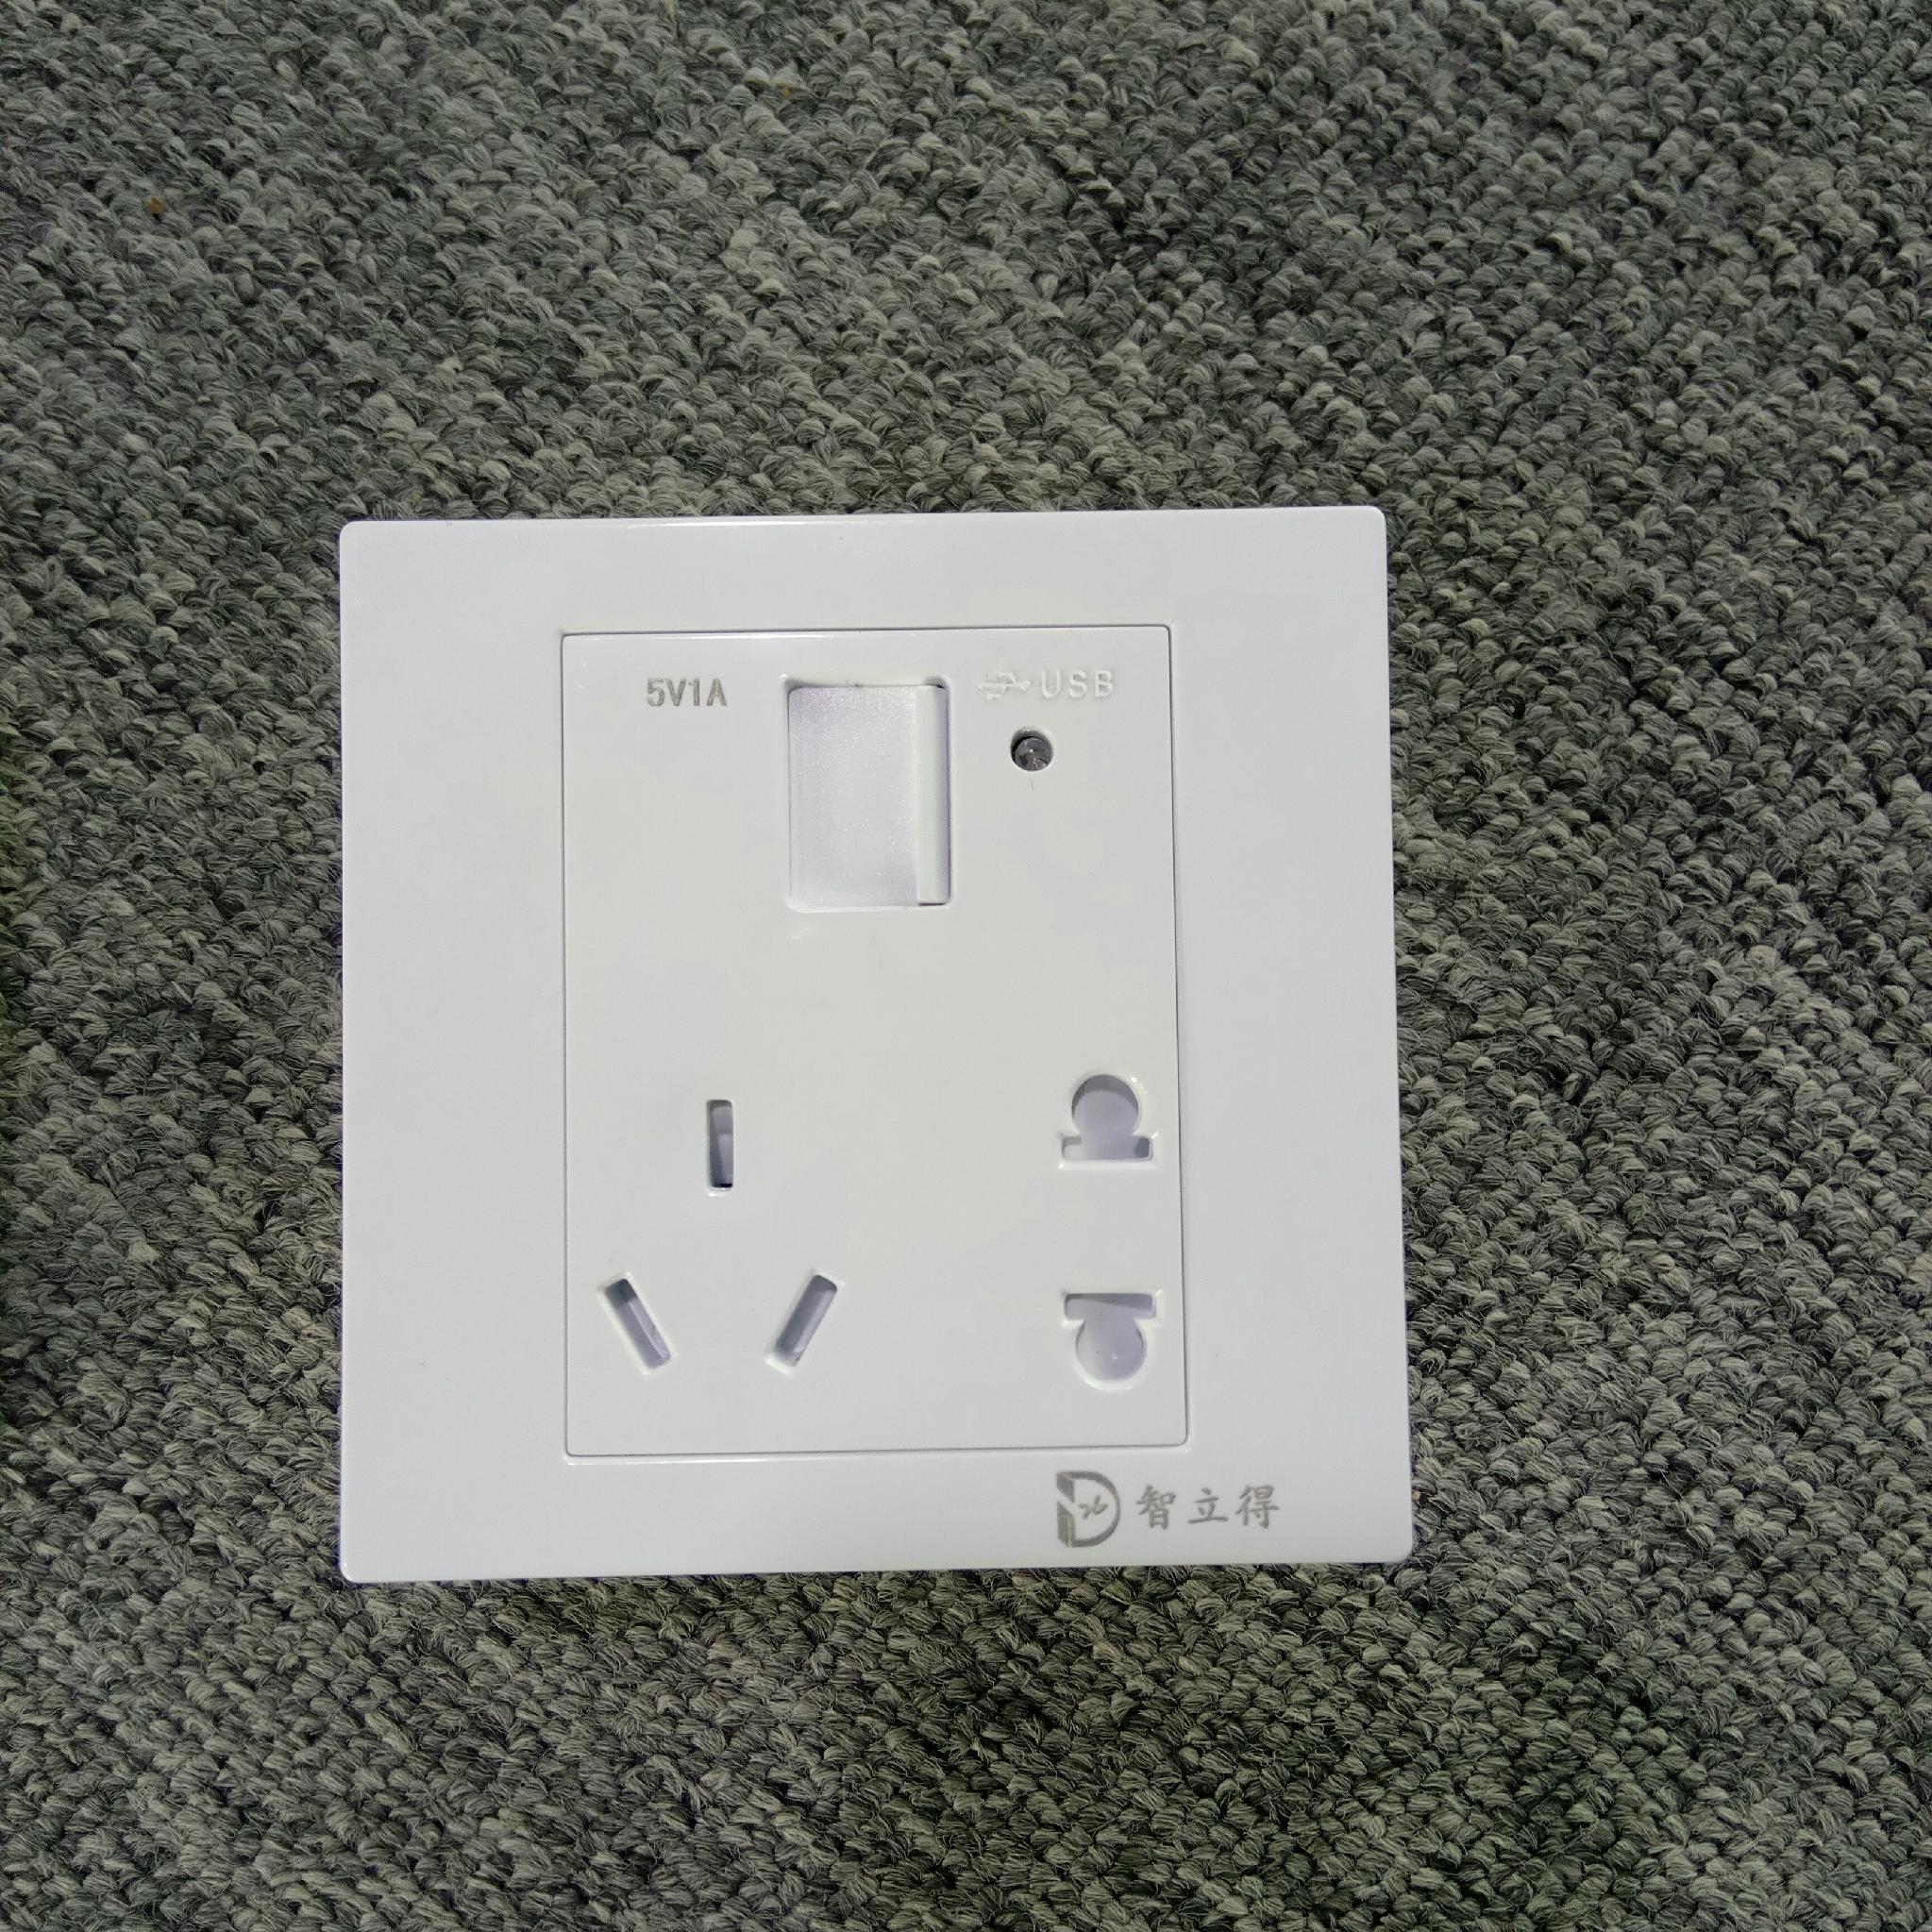 智立得墙壁开关一位USB手机数据线快充五孔插座防火自带安全门 3